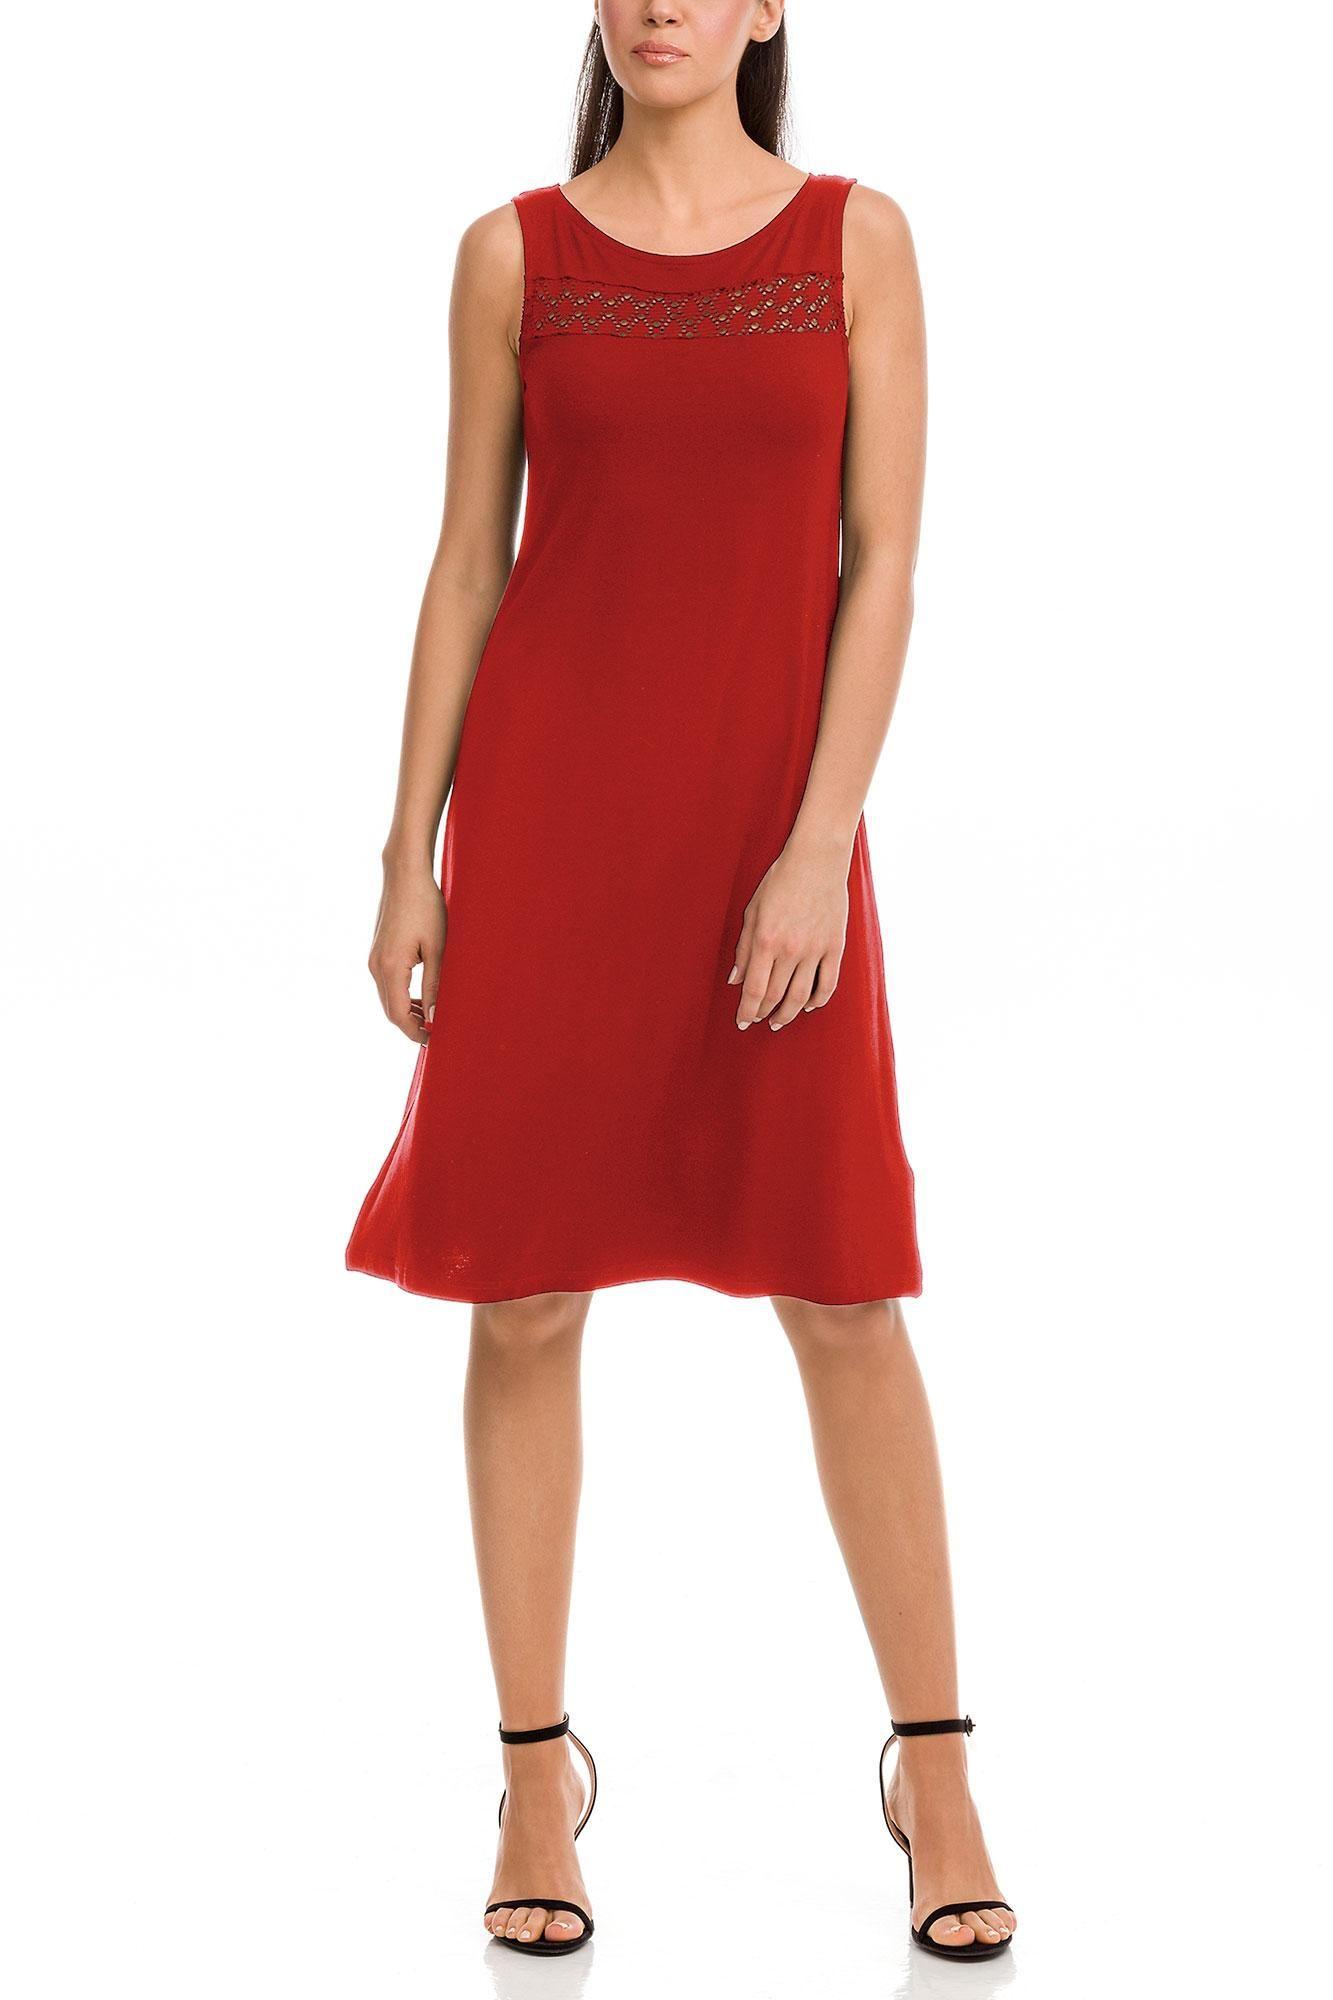 Φόρεμα Μονόχρωμο με Ζακάρ